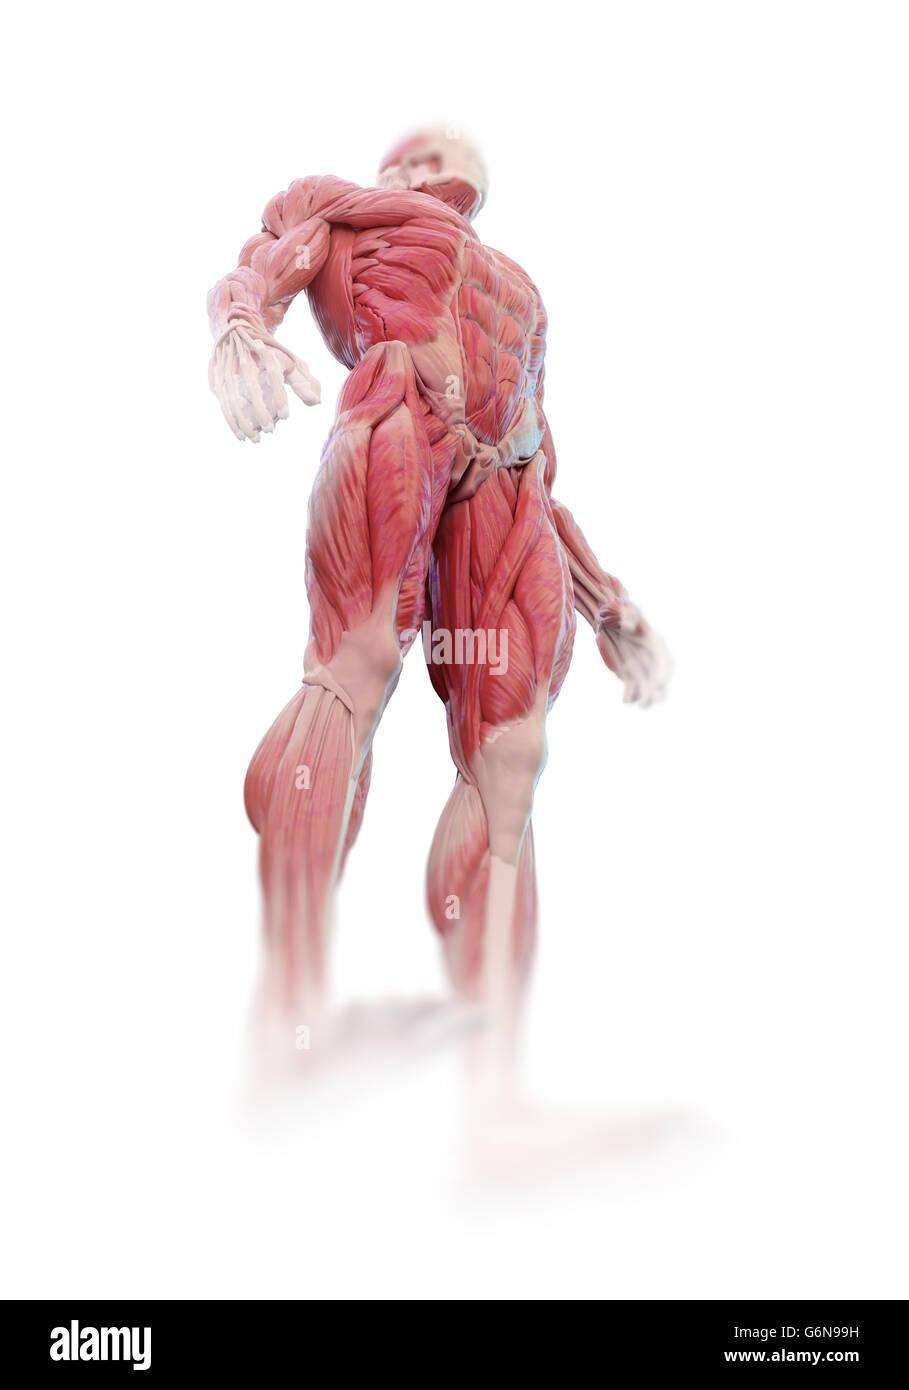 Fein Detaillierte Muskelanatomie Ideen - Menschliche Anatomie Bilder ...